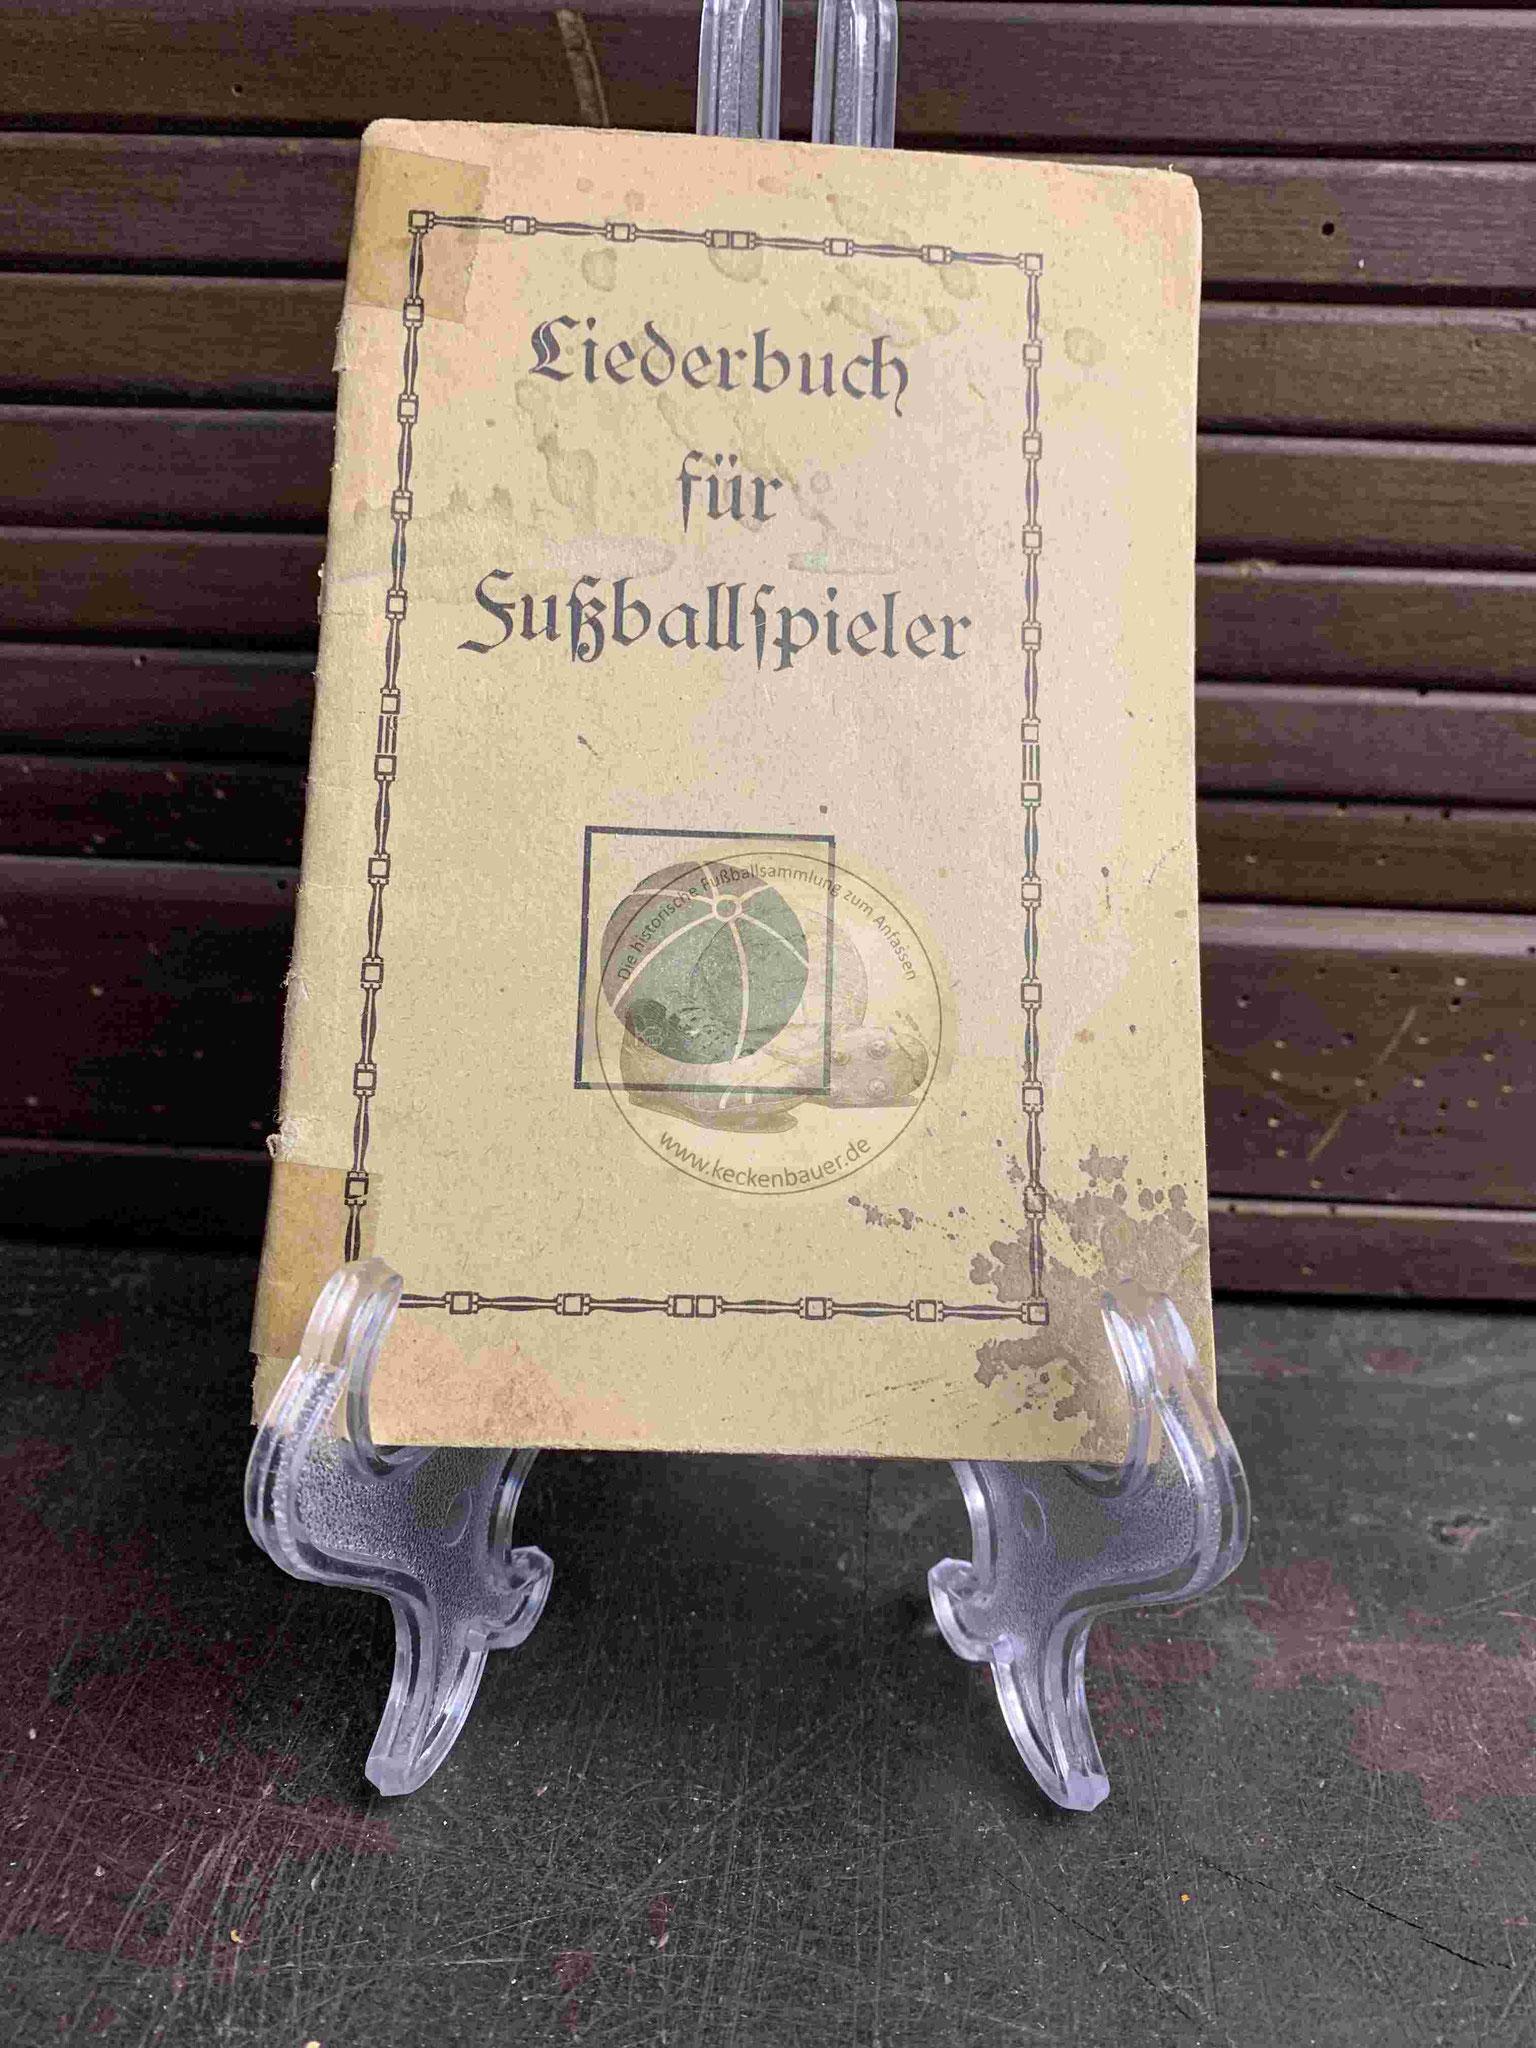 Liederbuch für Fußballspieler von vor 1920